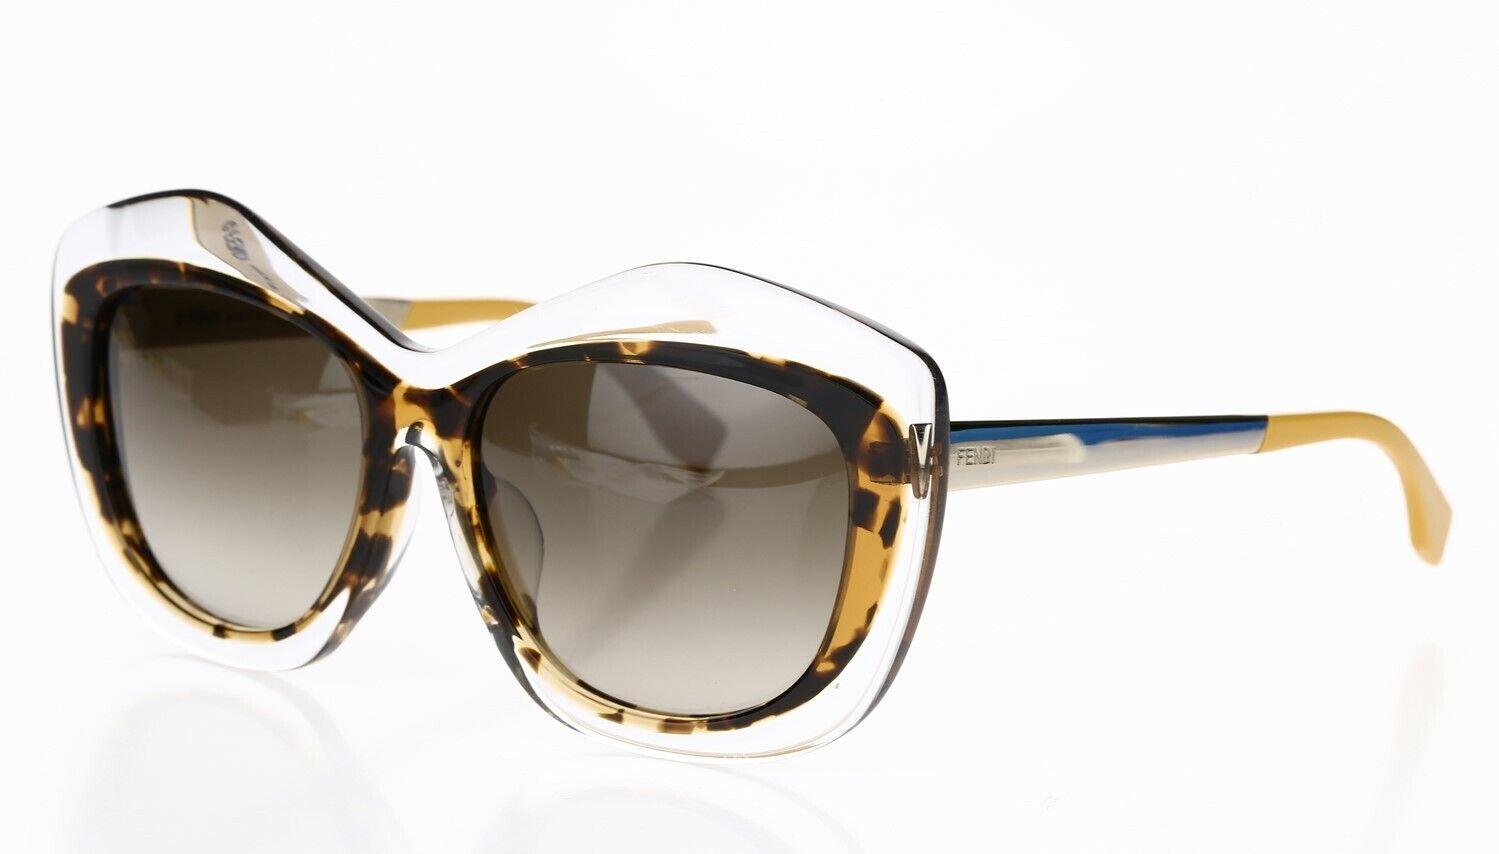 Fendi Women's Two Tone Cat Eye 56 mm Sunglasses in Havana Clear FF0029 140950